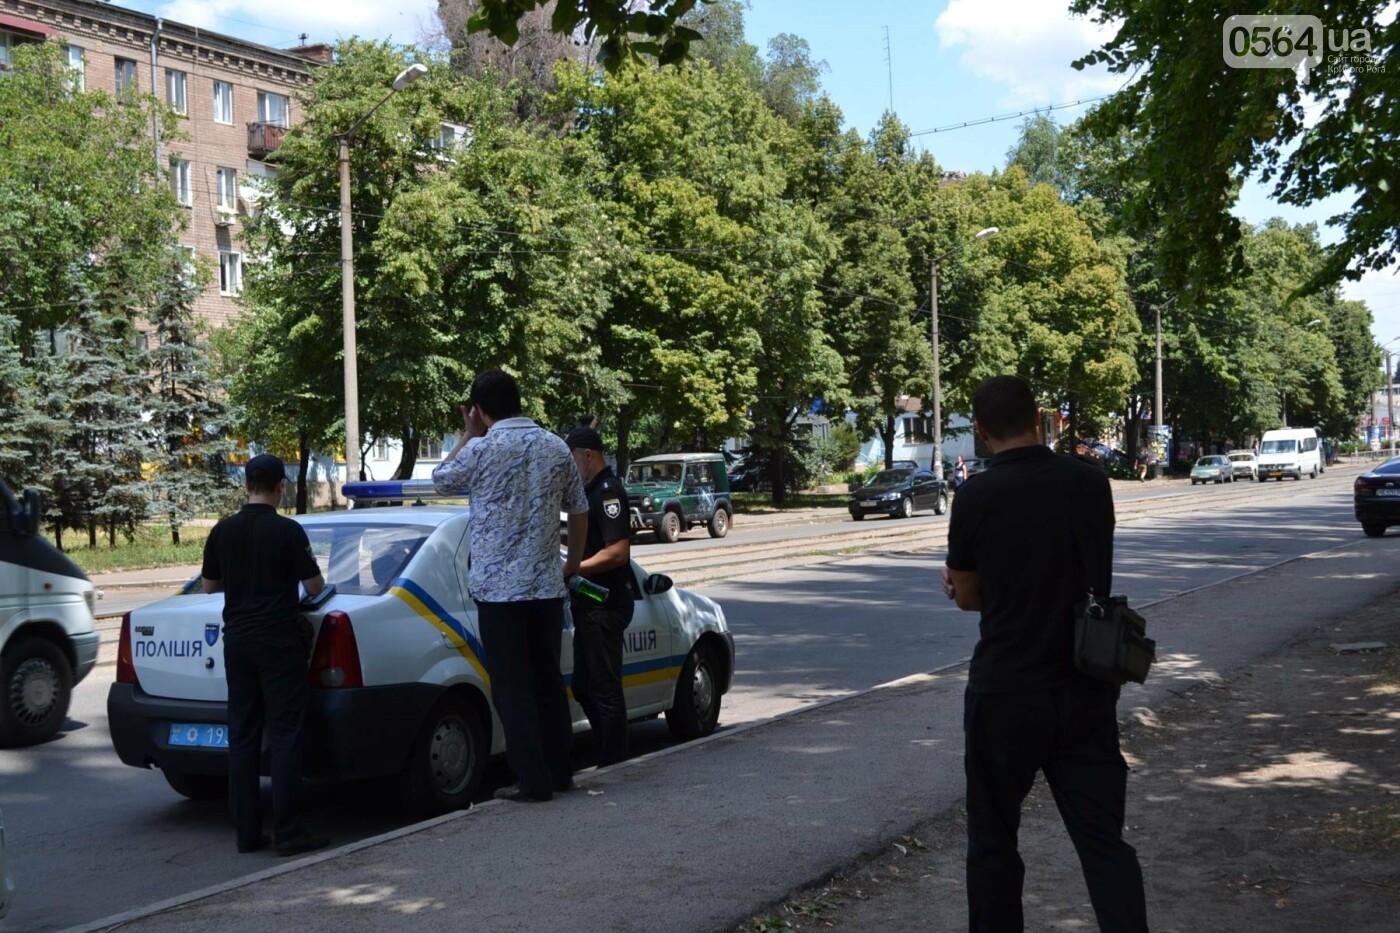 """В Кривом Роге активисты обнаружили очередную """"наливайку"""", а полицейский назвал это """"фигней"""", - ФОТО, ВИДЕО, фото-28"""